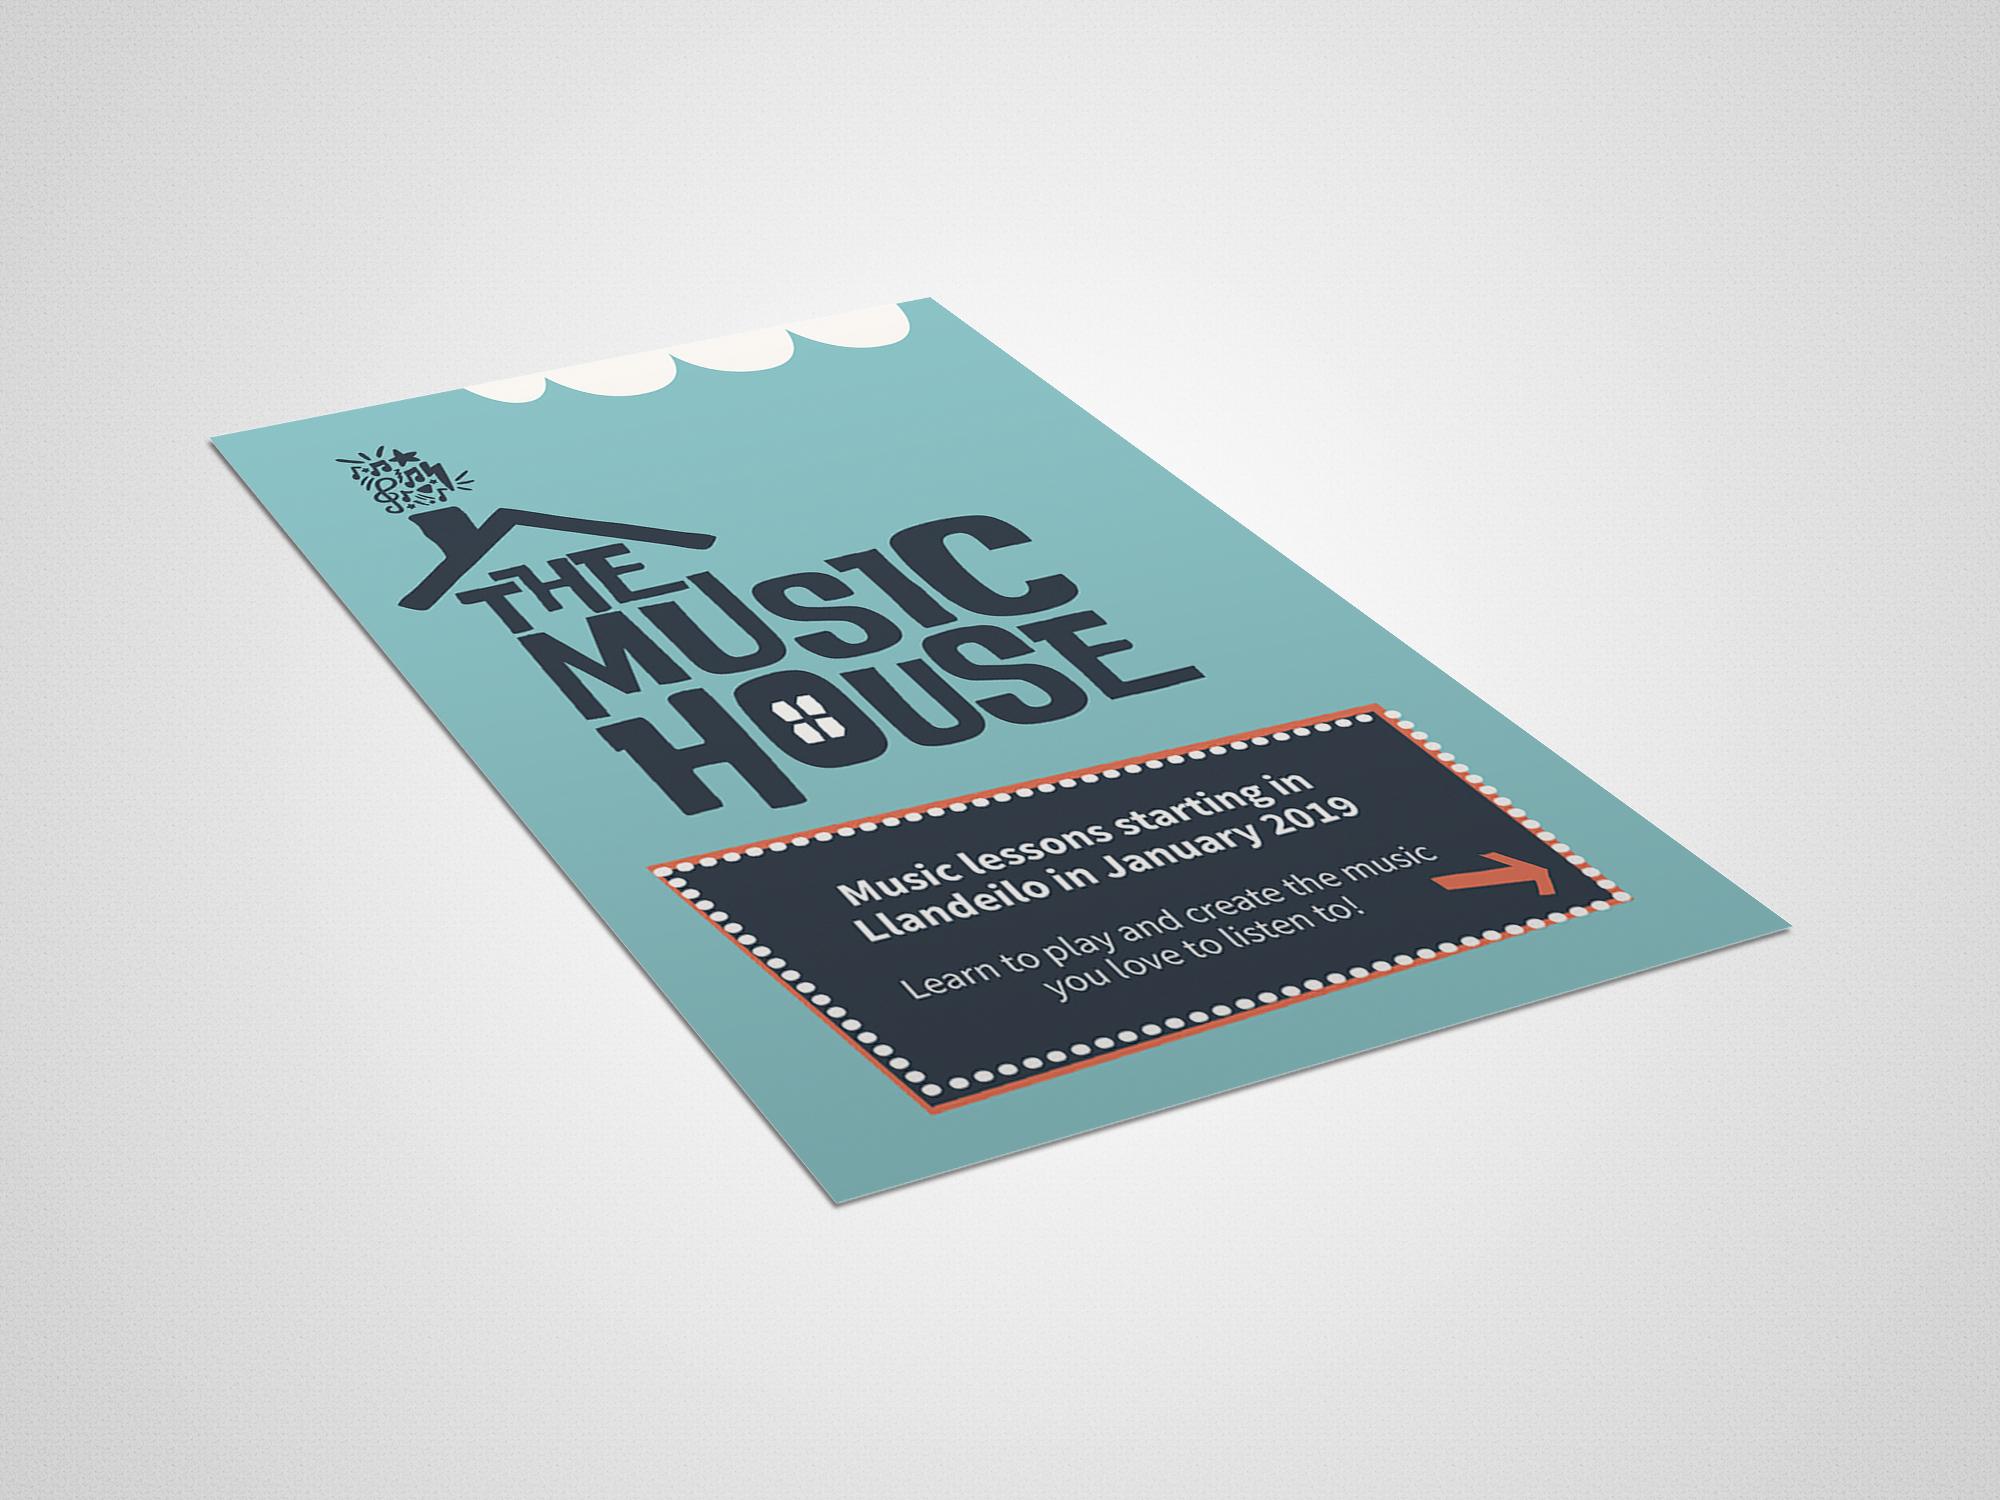 Music House Flyer Mockup 3.jpg